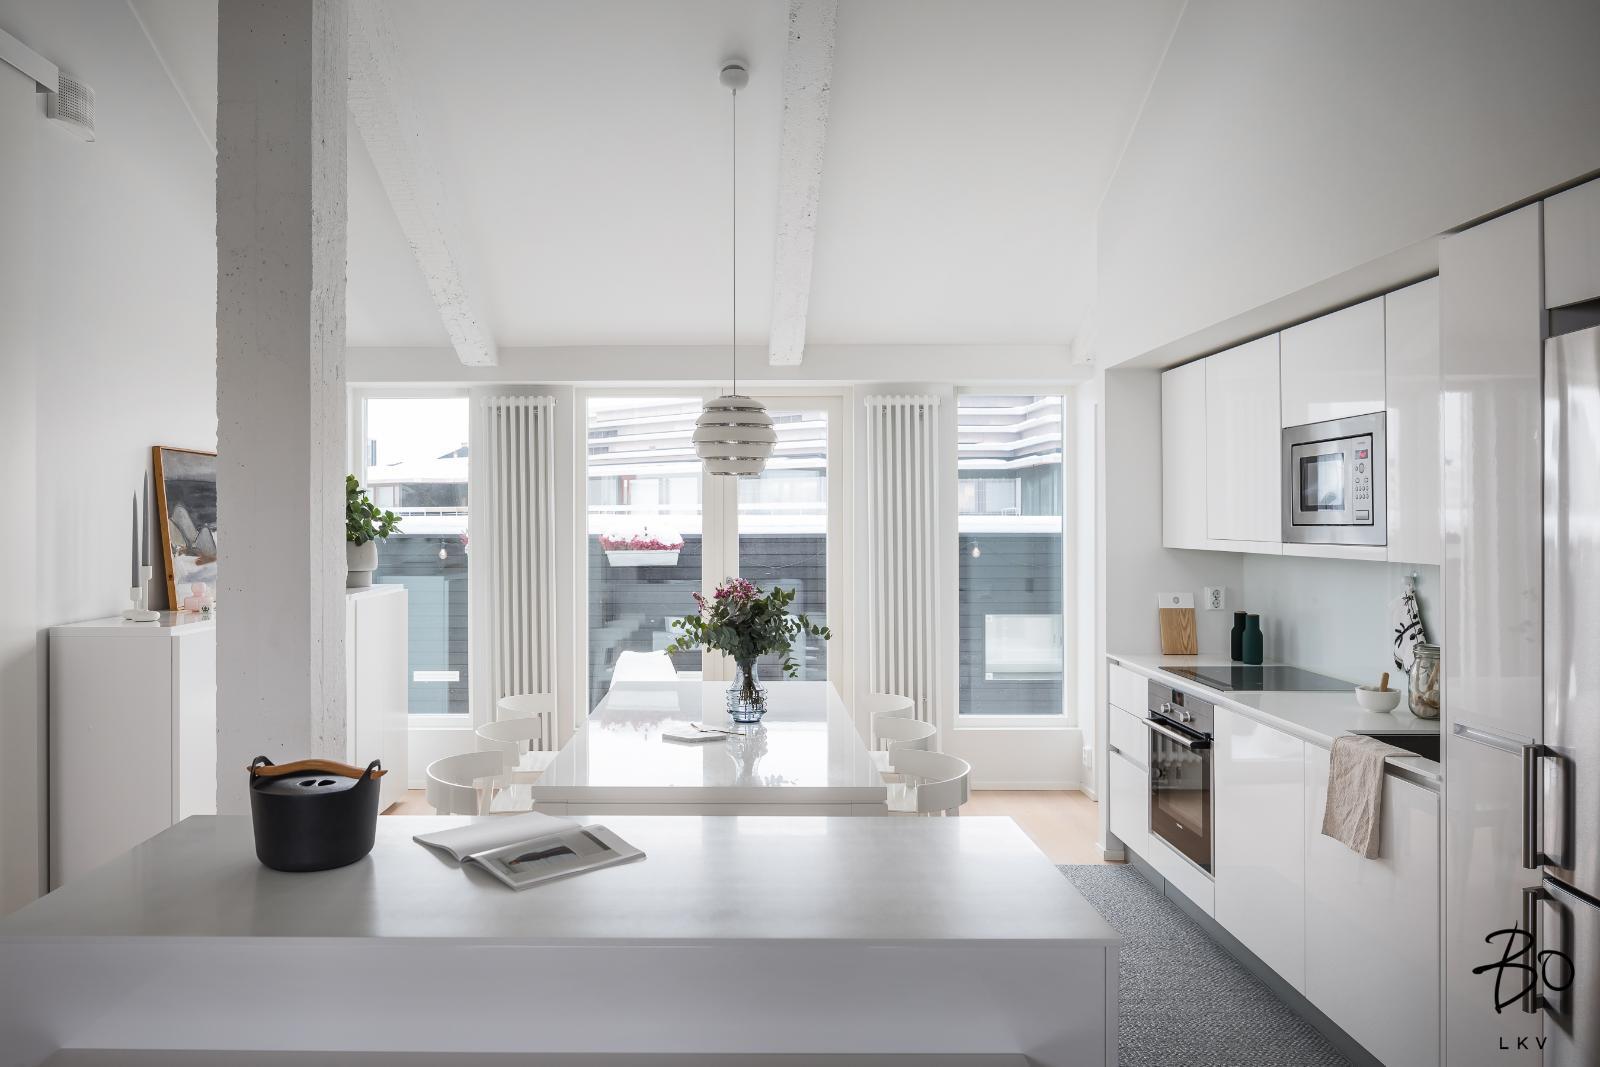 moderni valkoinen keittiö kaunis koti